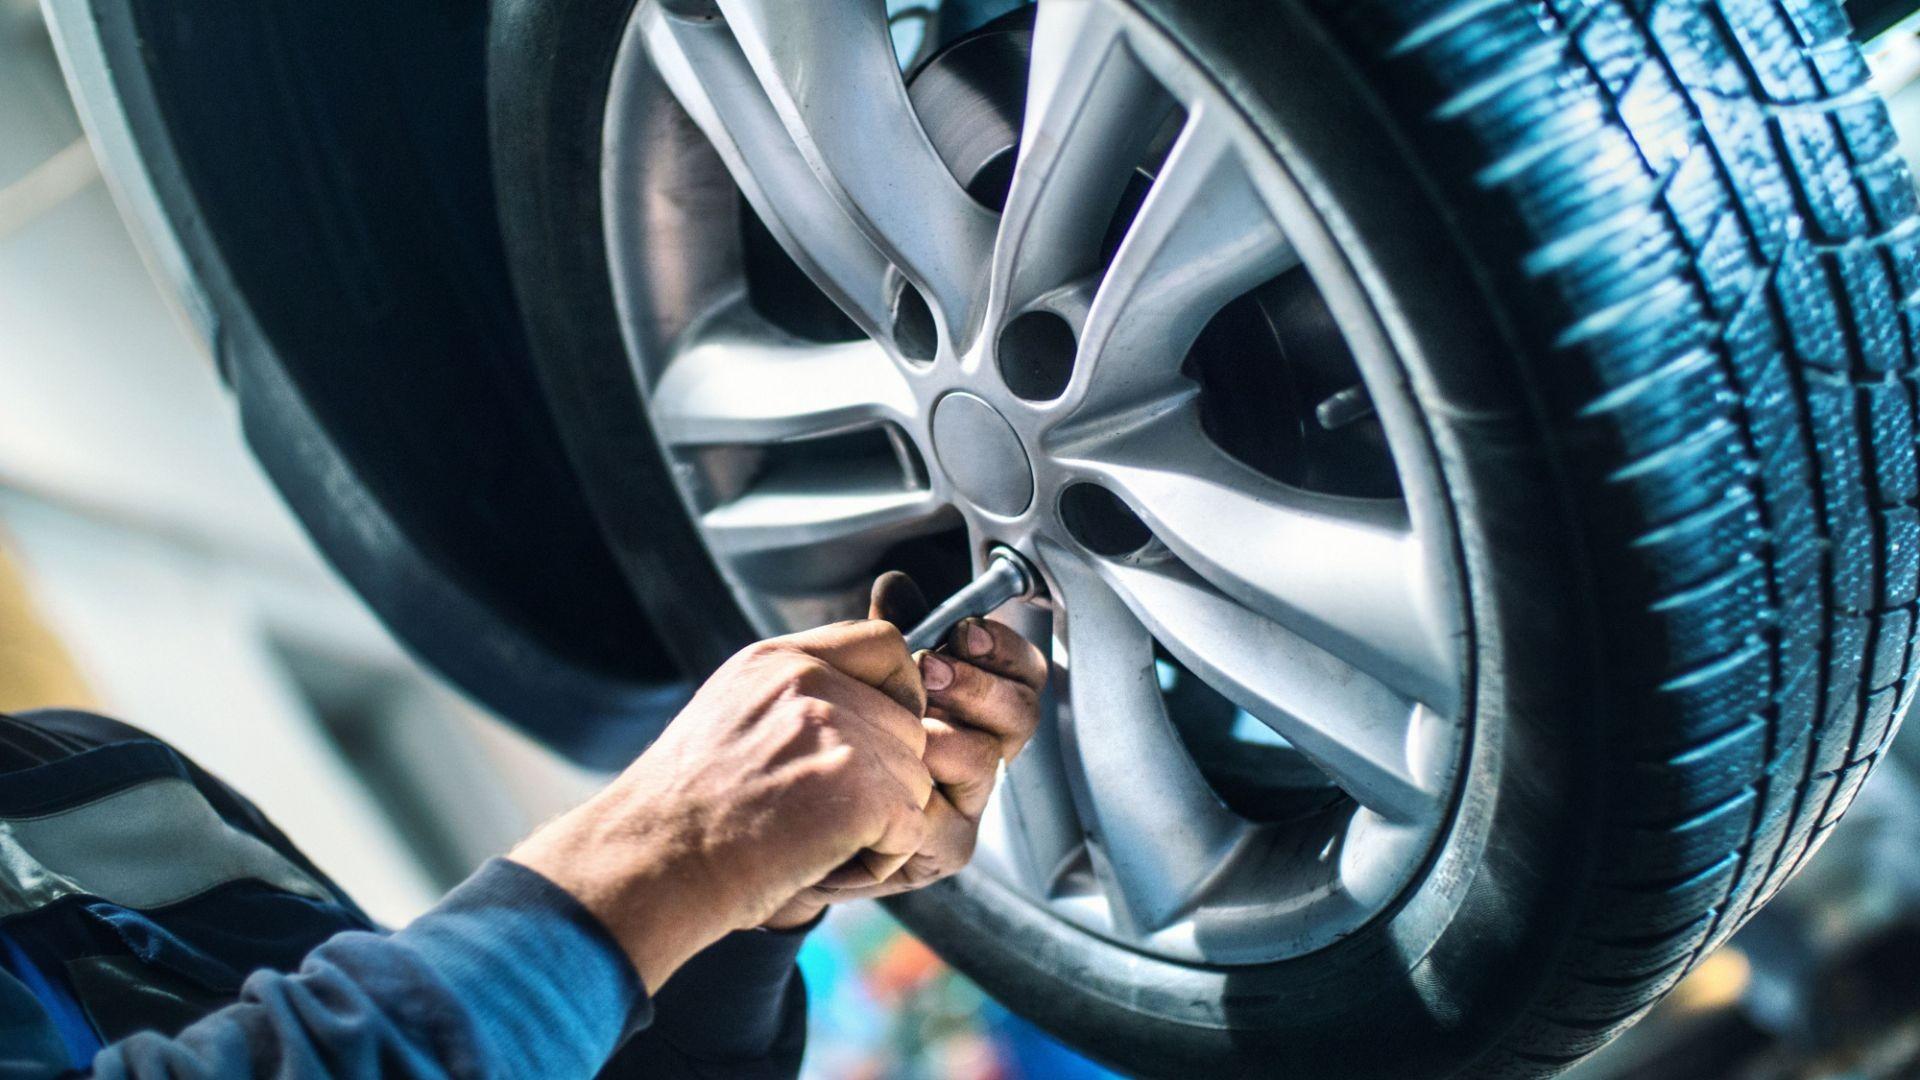 Taller con servicio de neumáticos en Menorca